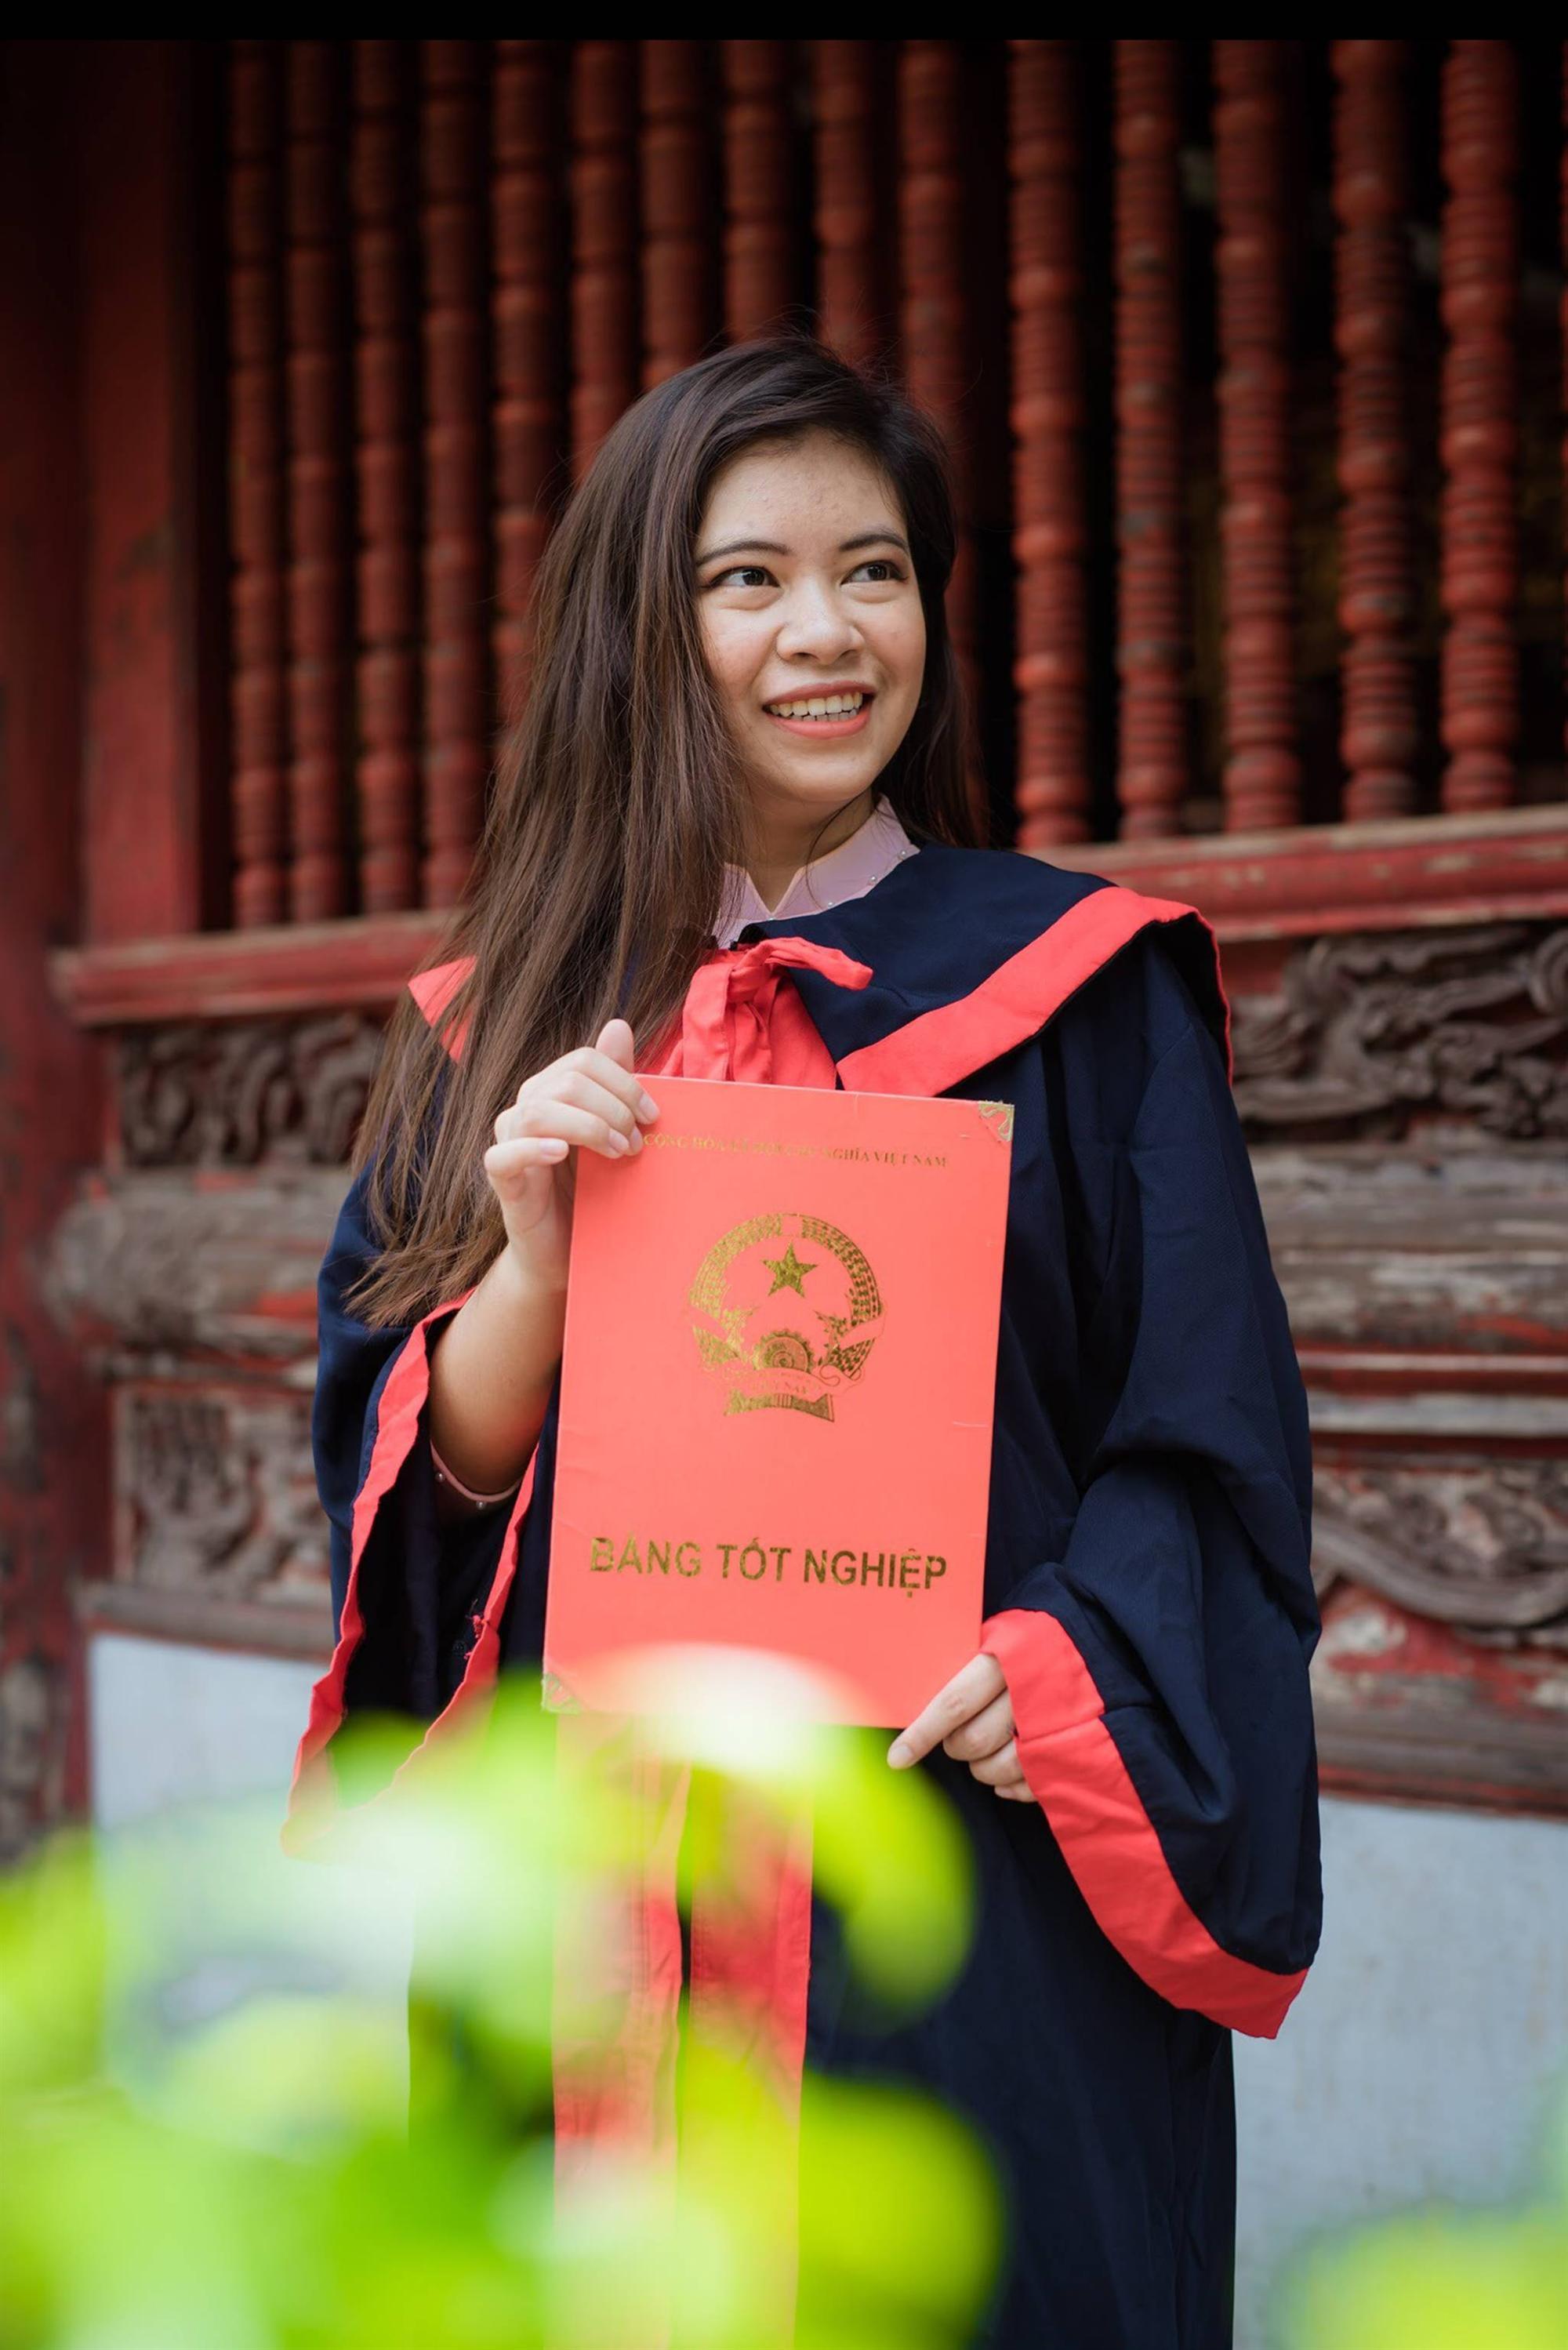 Nữ sinh người Thái tốt nghiệp thủ khoa trường Nhân văn với điểm 3.92/4: Điều mình shock nhất ở Việt Nam là quá nhiều xe máy và tiếng còi inh ỏi-2